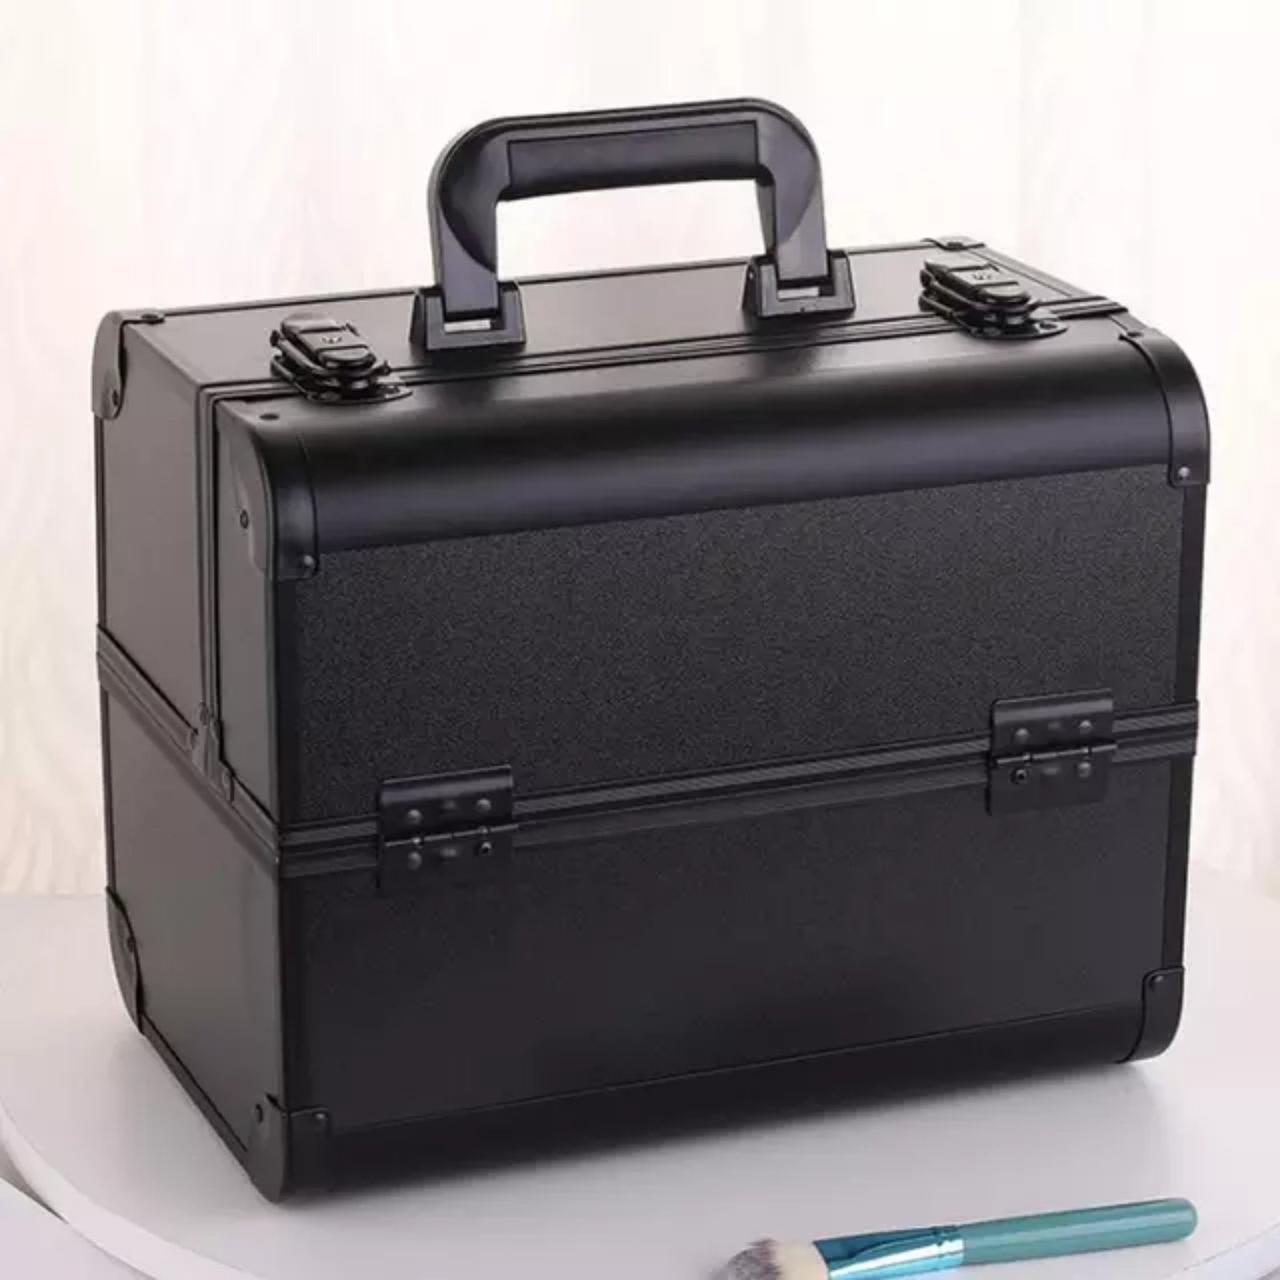 Бьюти кейс для косметики черный / сумка для мастера маникюра / чемодан для визажиста